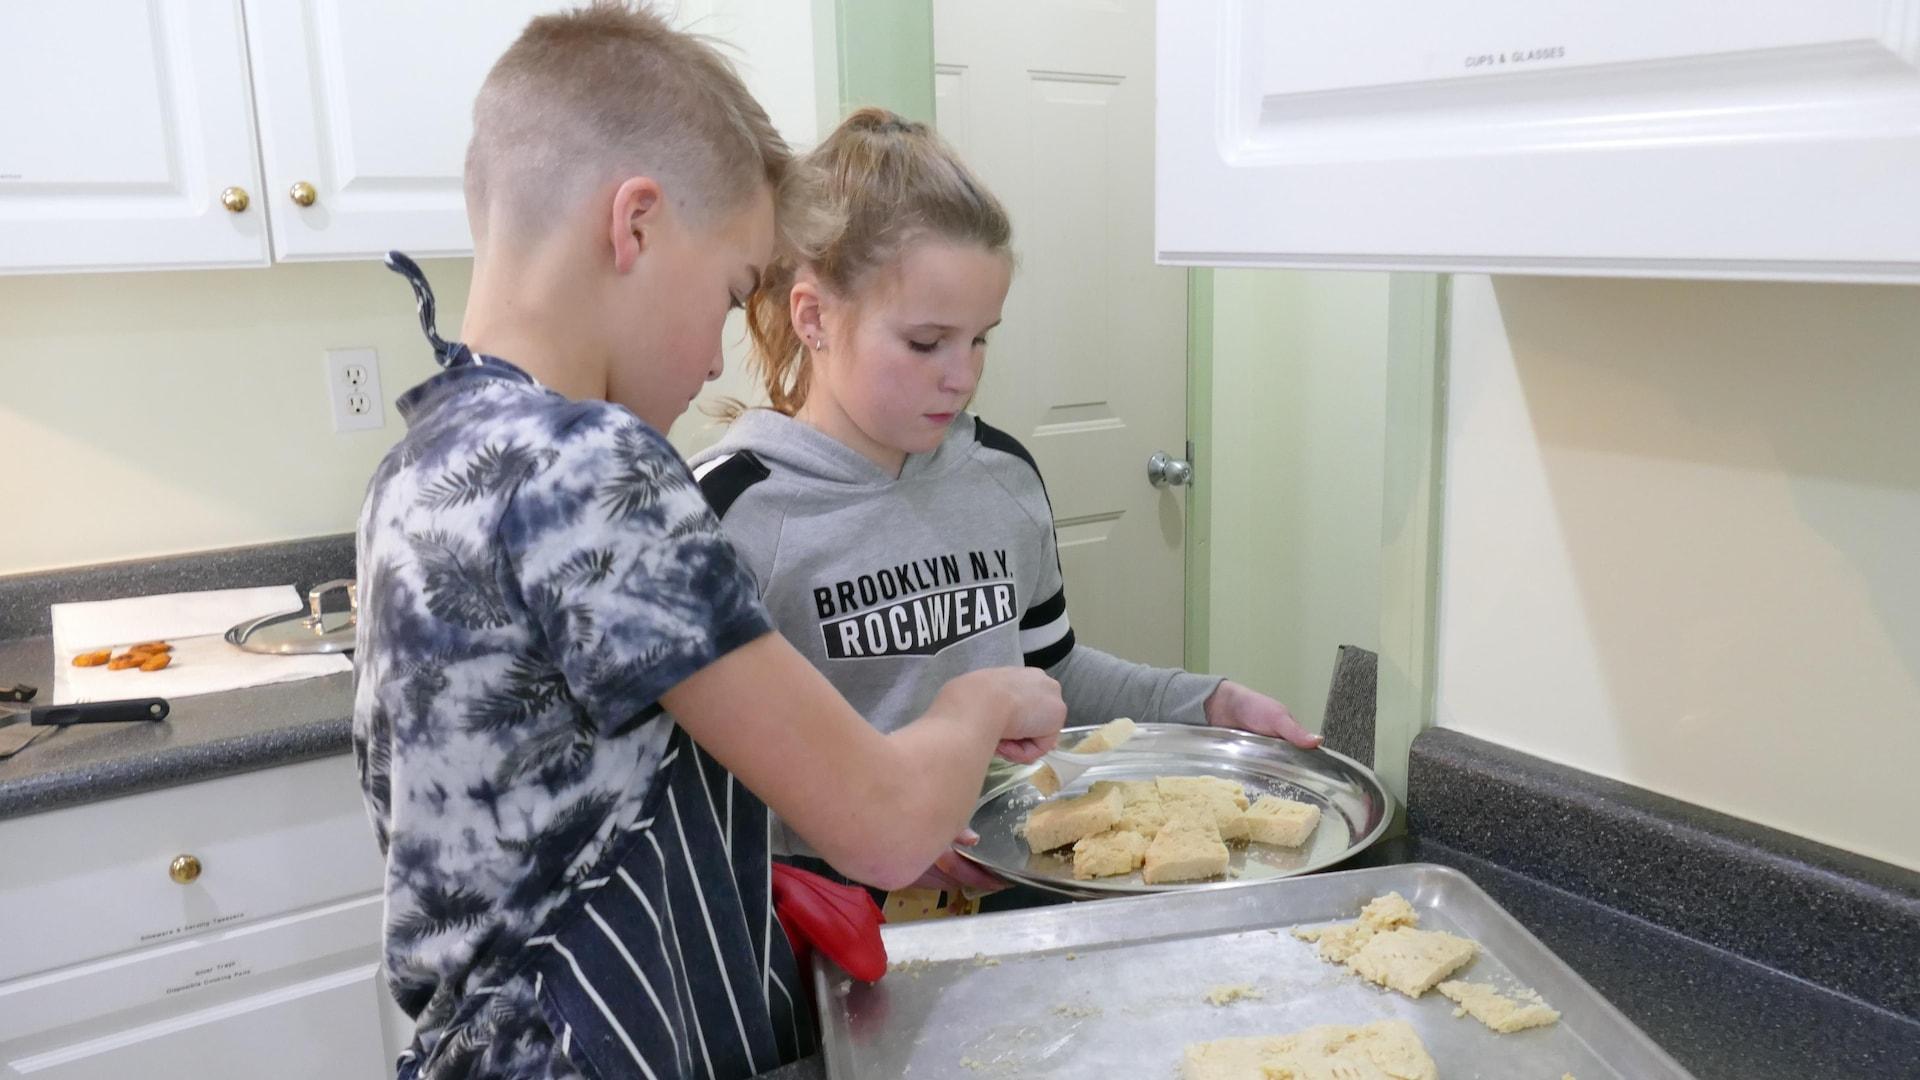 Noah et Abby découpent la galette métisse et placent les morceaux sur un plat de service.